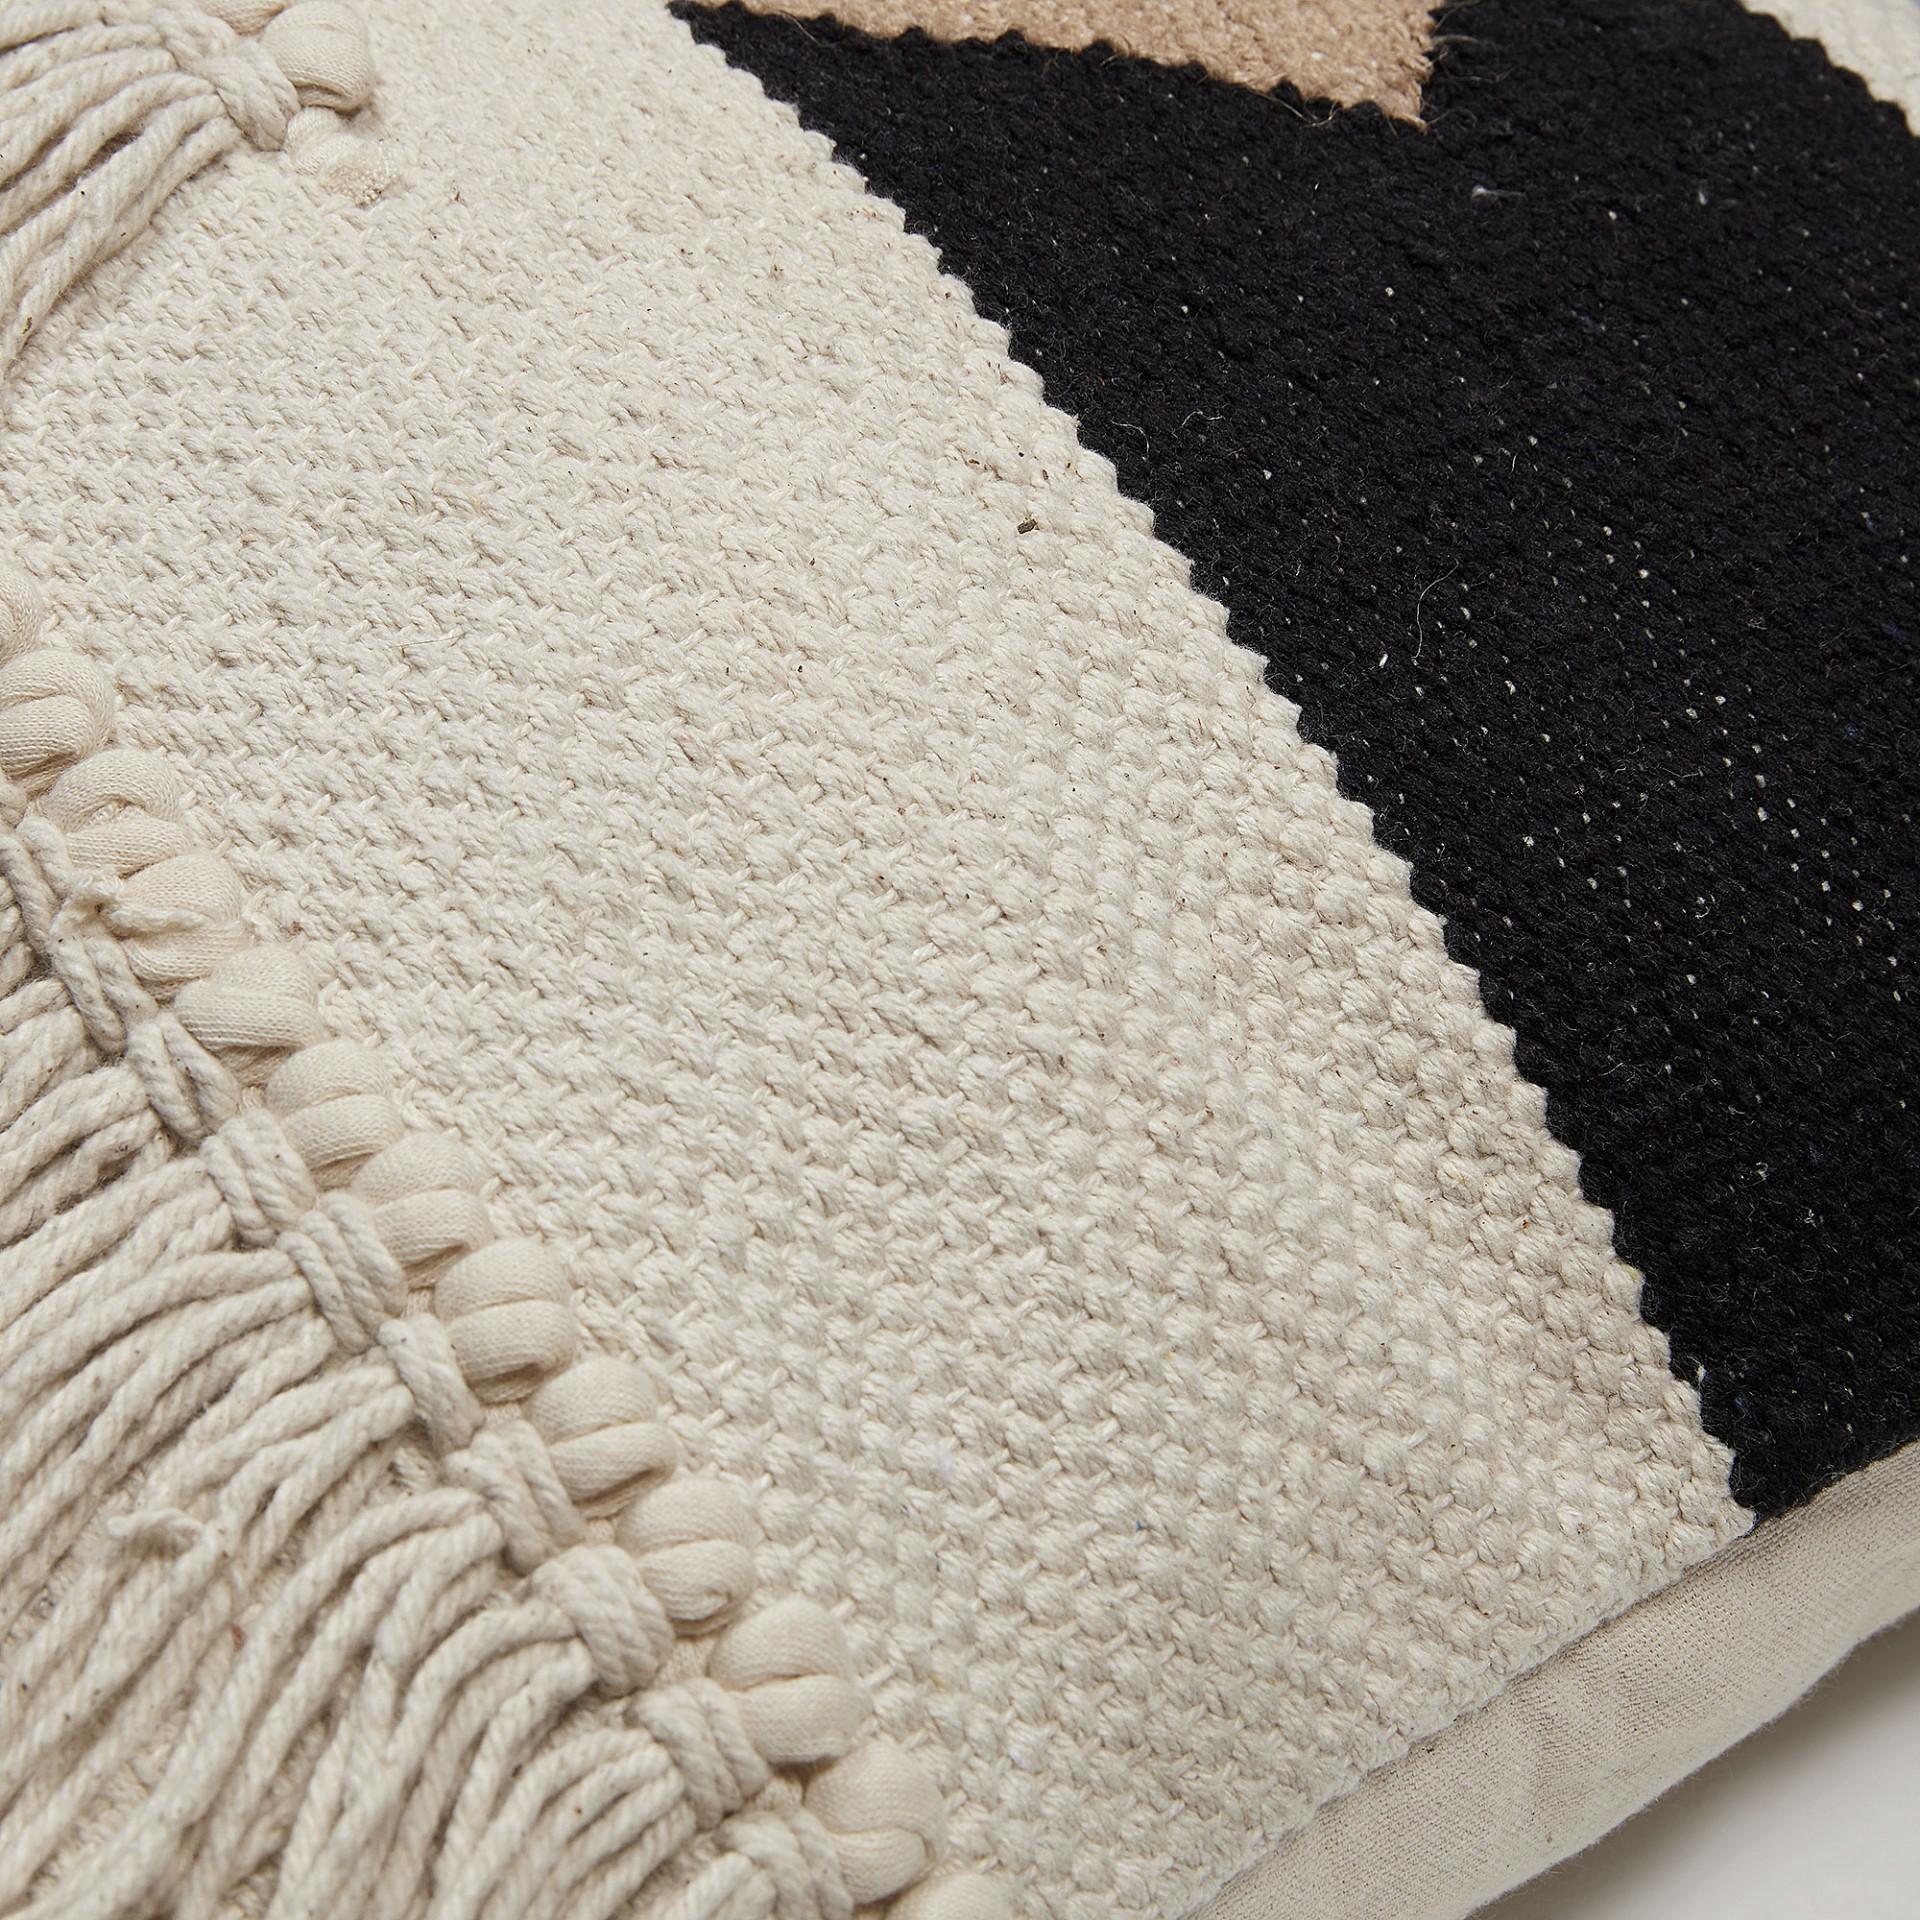 Capa de almofada Natalia, algodão, branco/preto, 45x45 cm